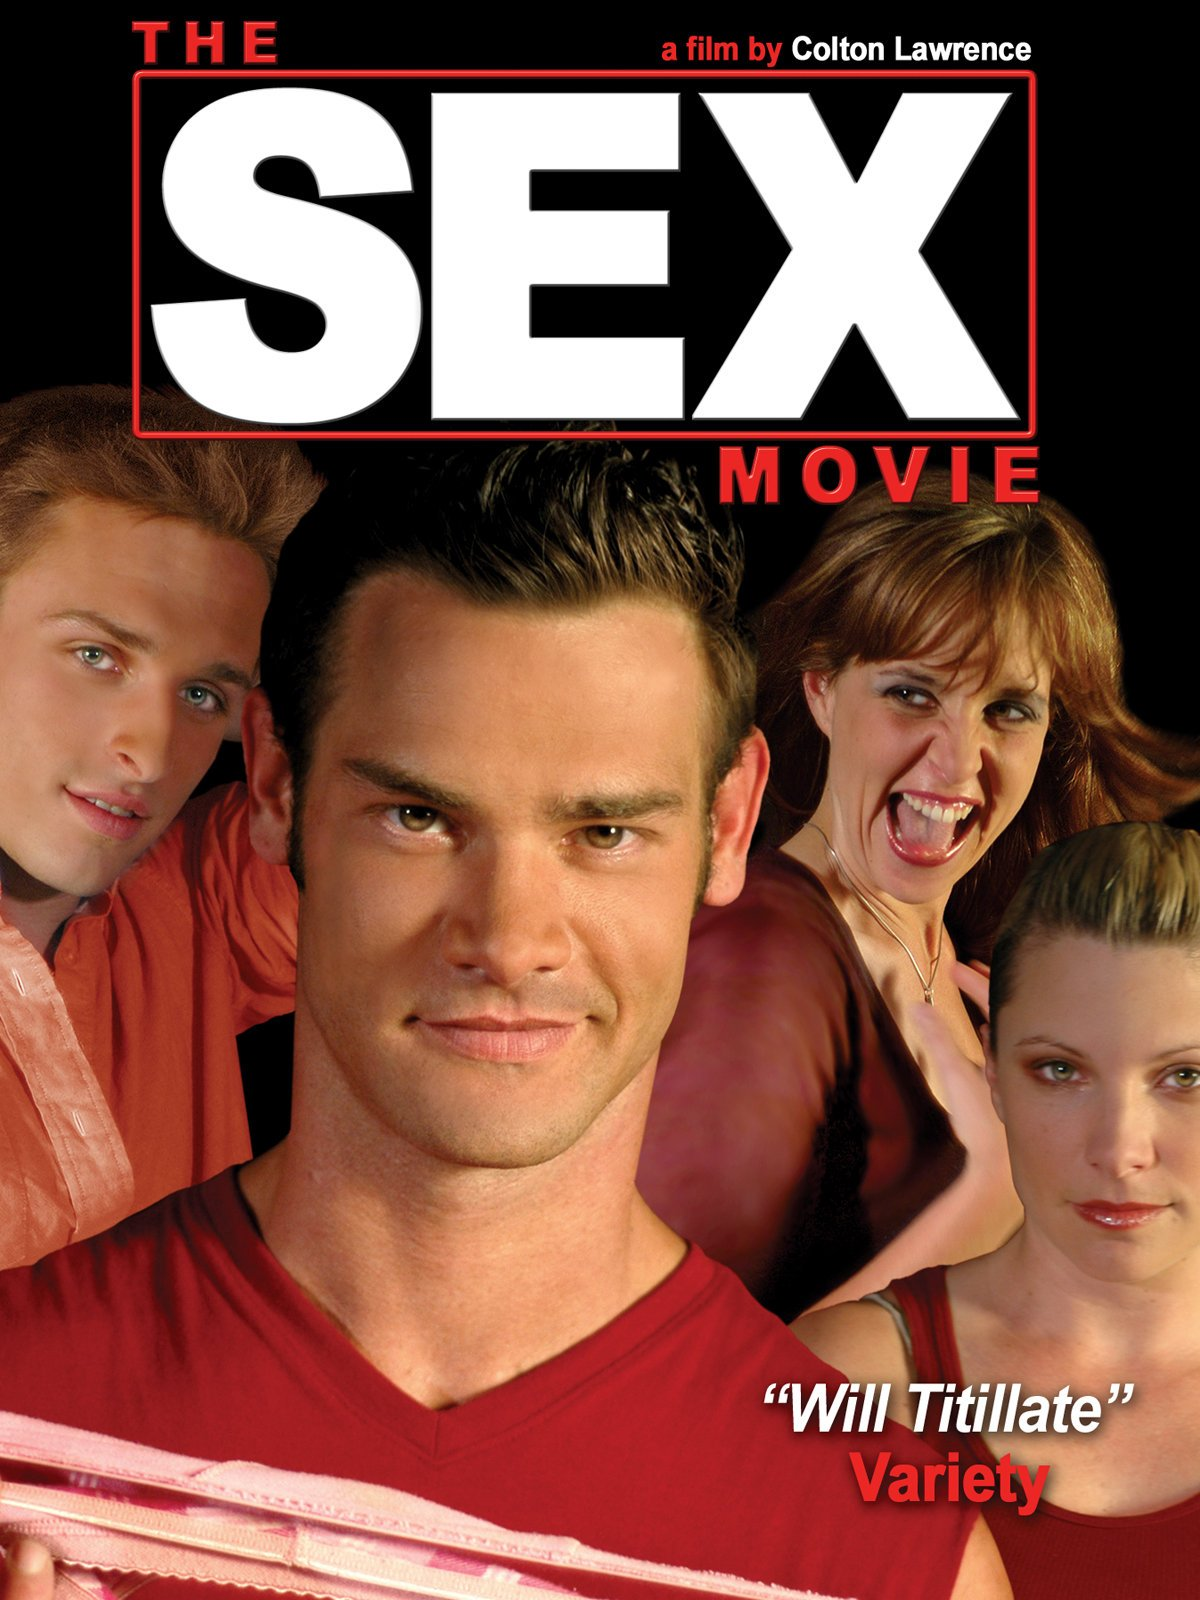 Sex cinema movies Sex Films